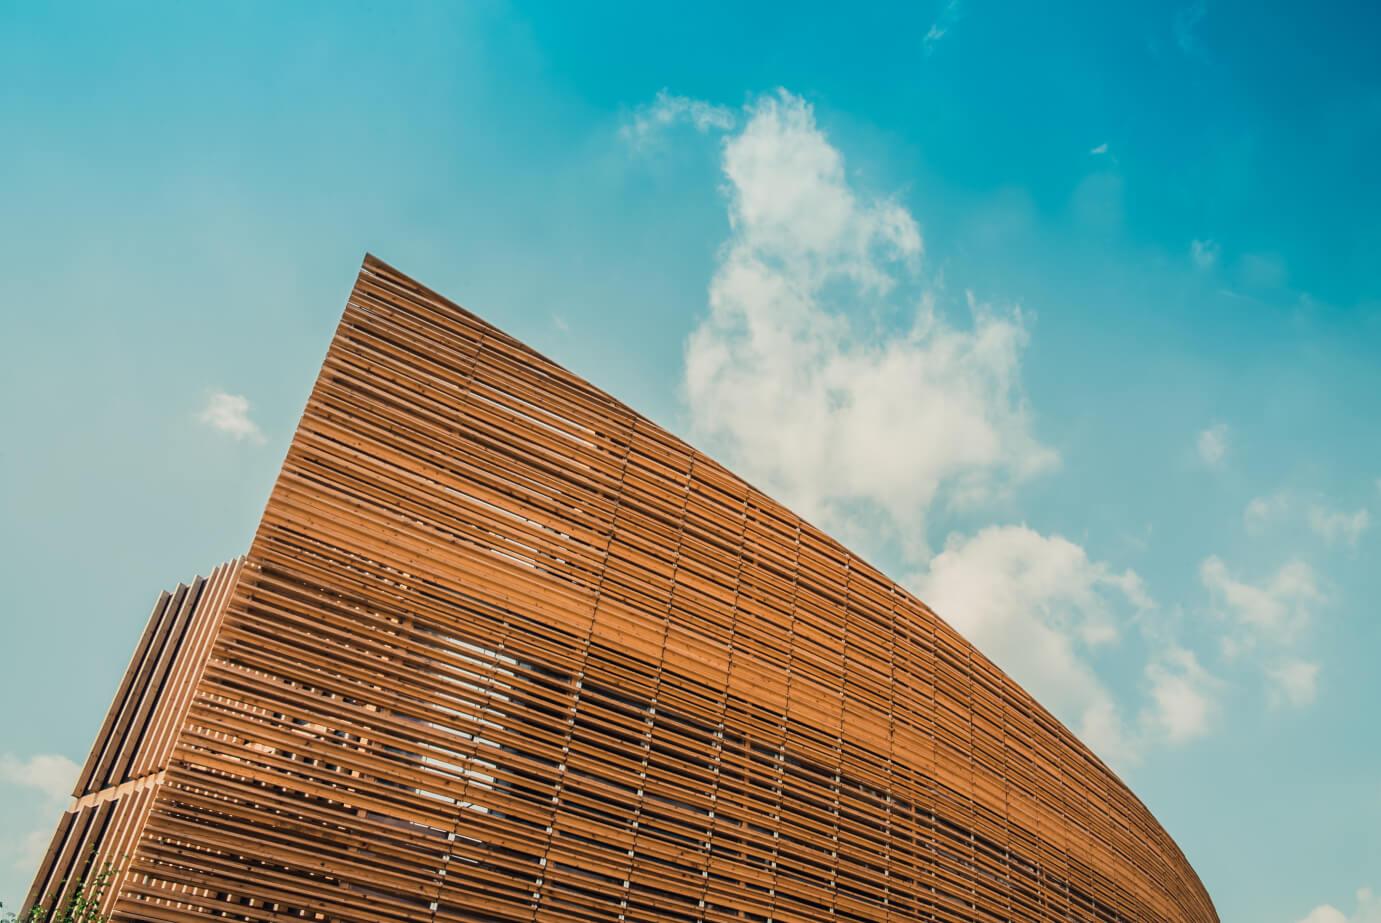 Architectural Facade 1